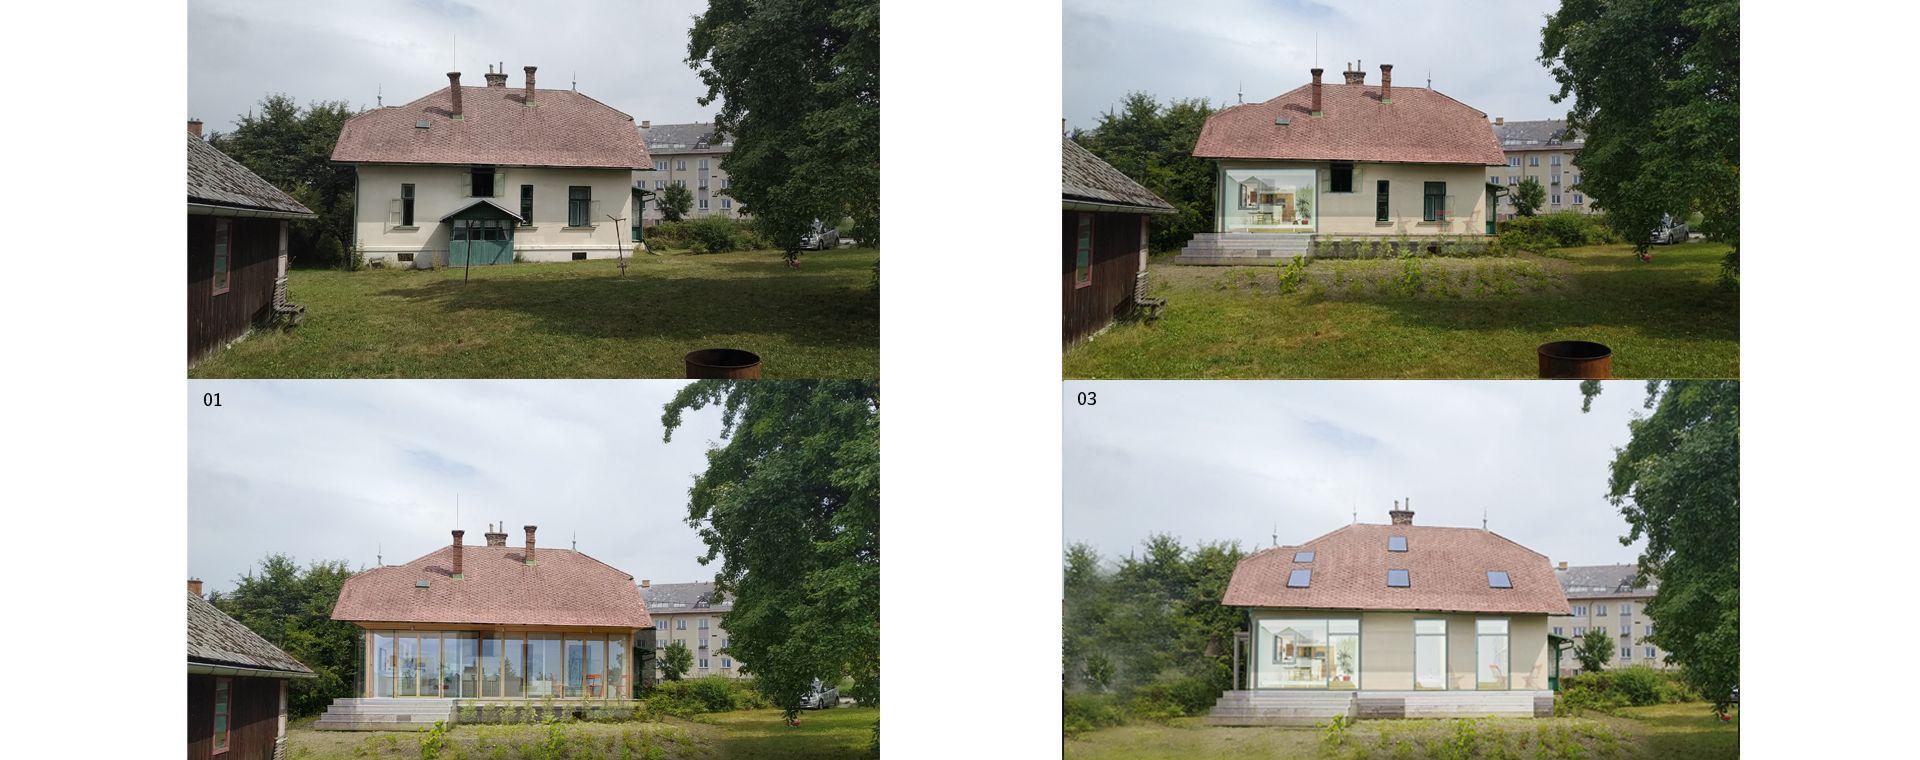 Rekonstrukce vily Králíky, Dolní Morava, 2019-2020, CZ